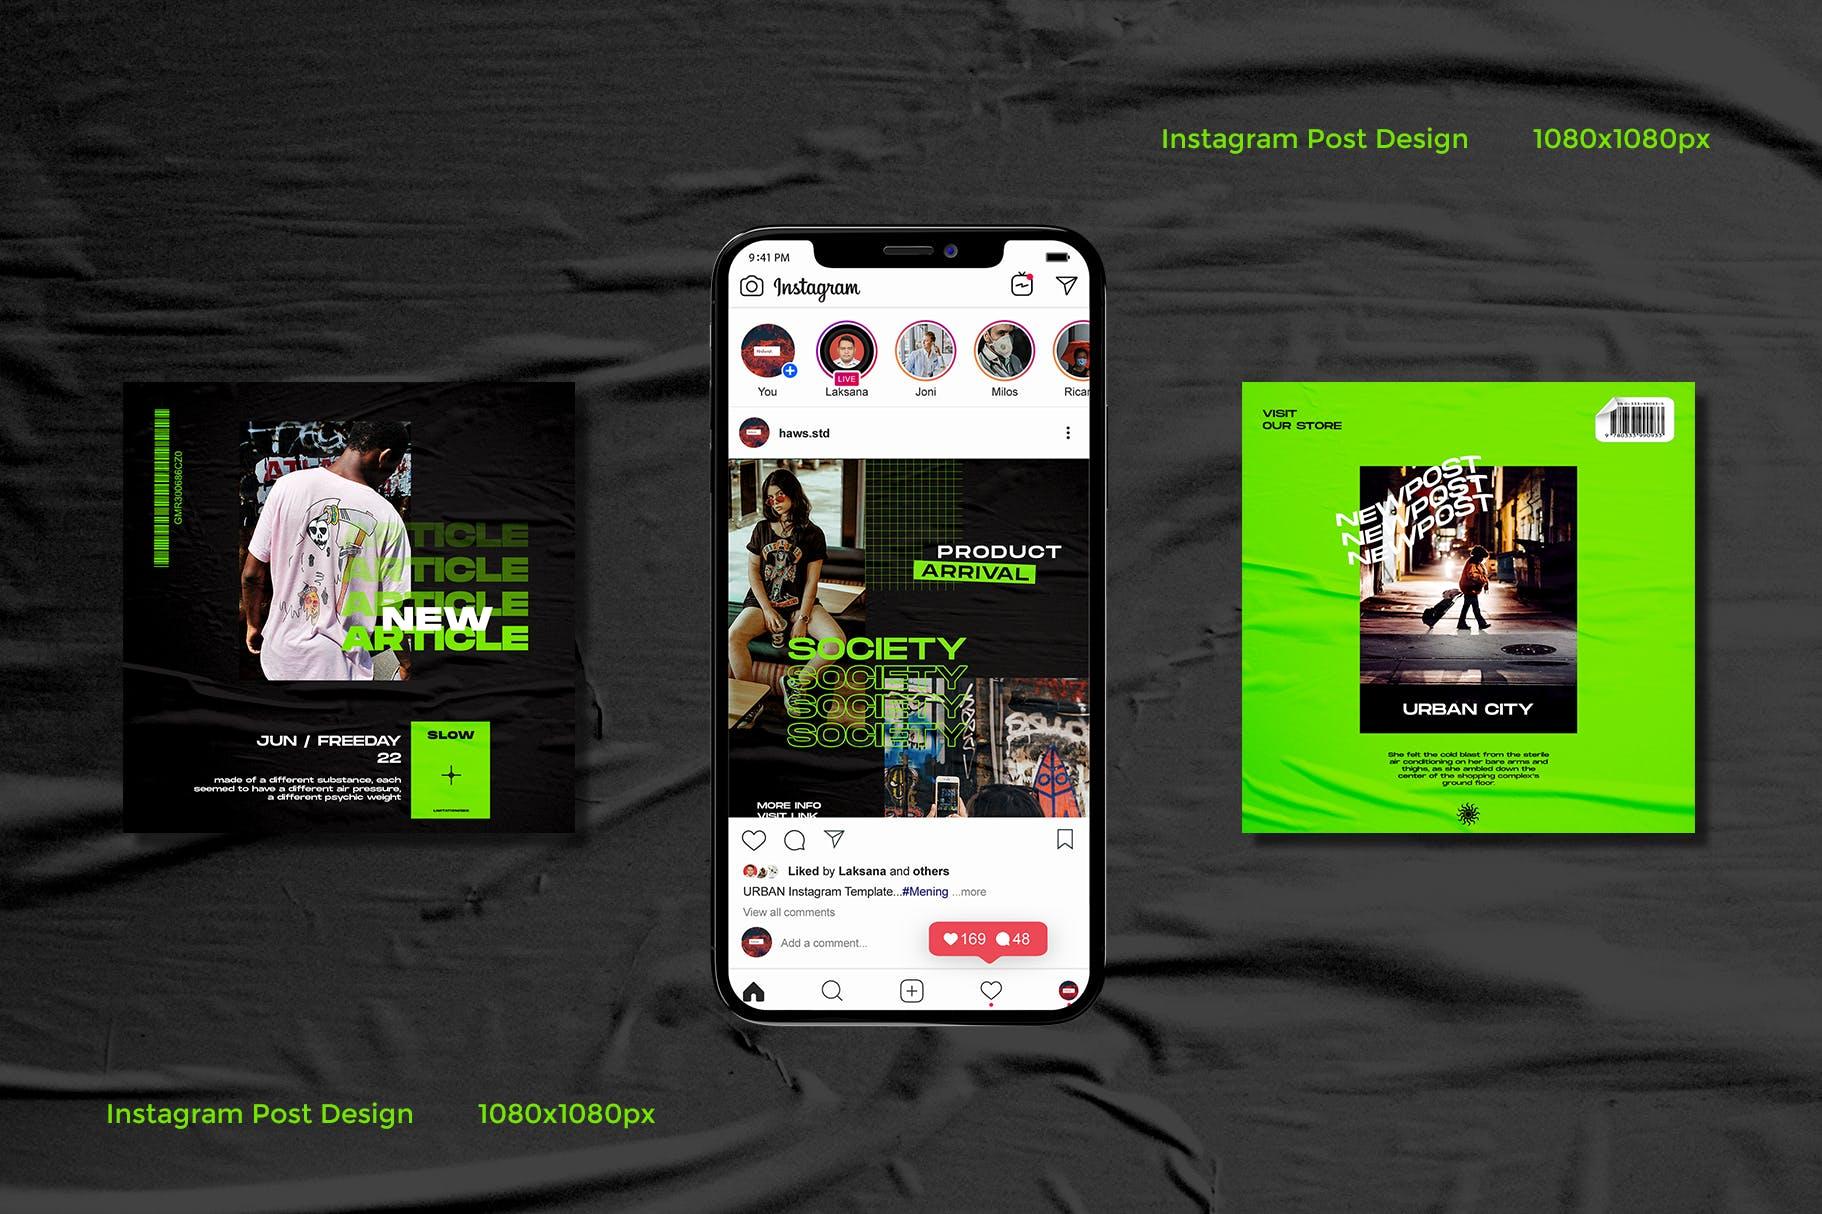 潮流品牌推广电商新媒体海报设计模板 Neon Urban – Instagram Template插图(2)